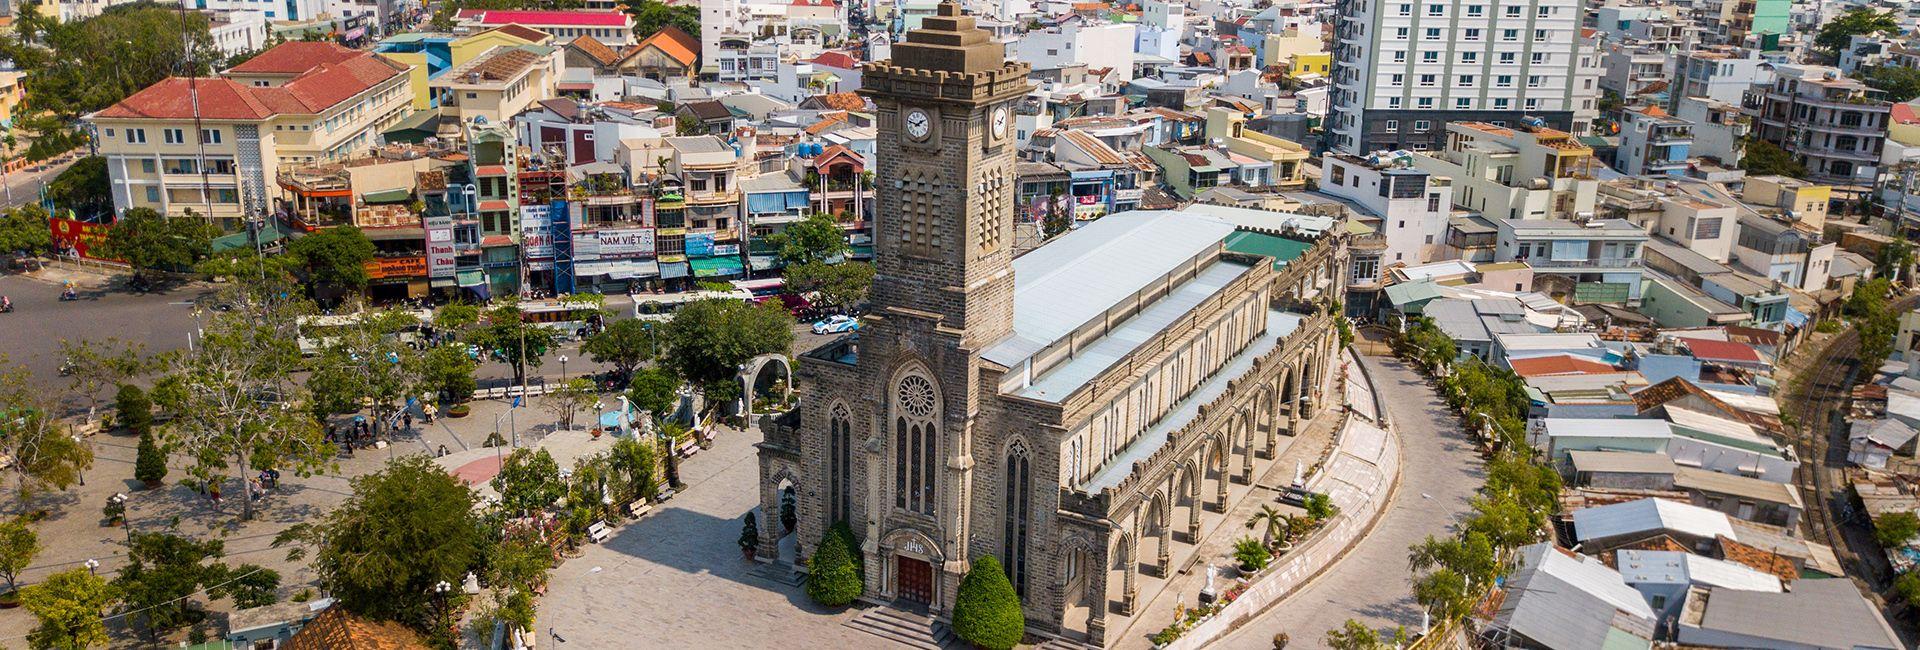 Top 10 địa điểm du lịch Nha Trang nổi bật và hấp dẫn nhất